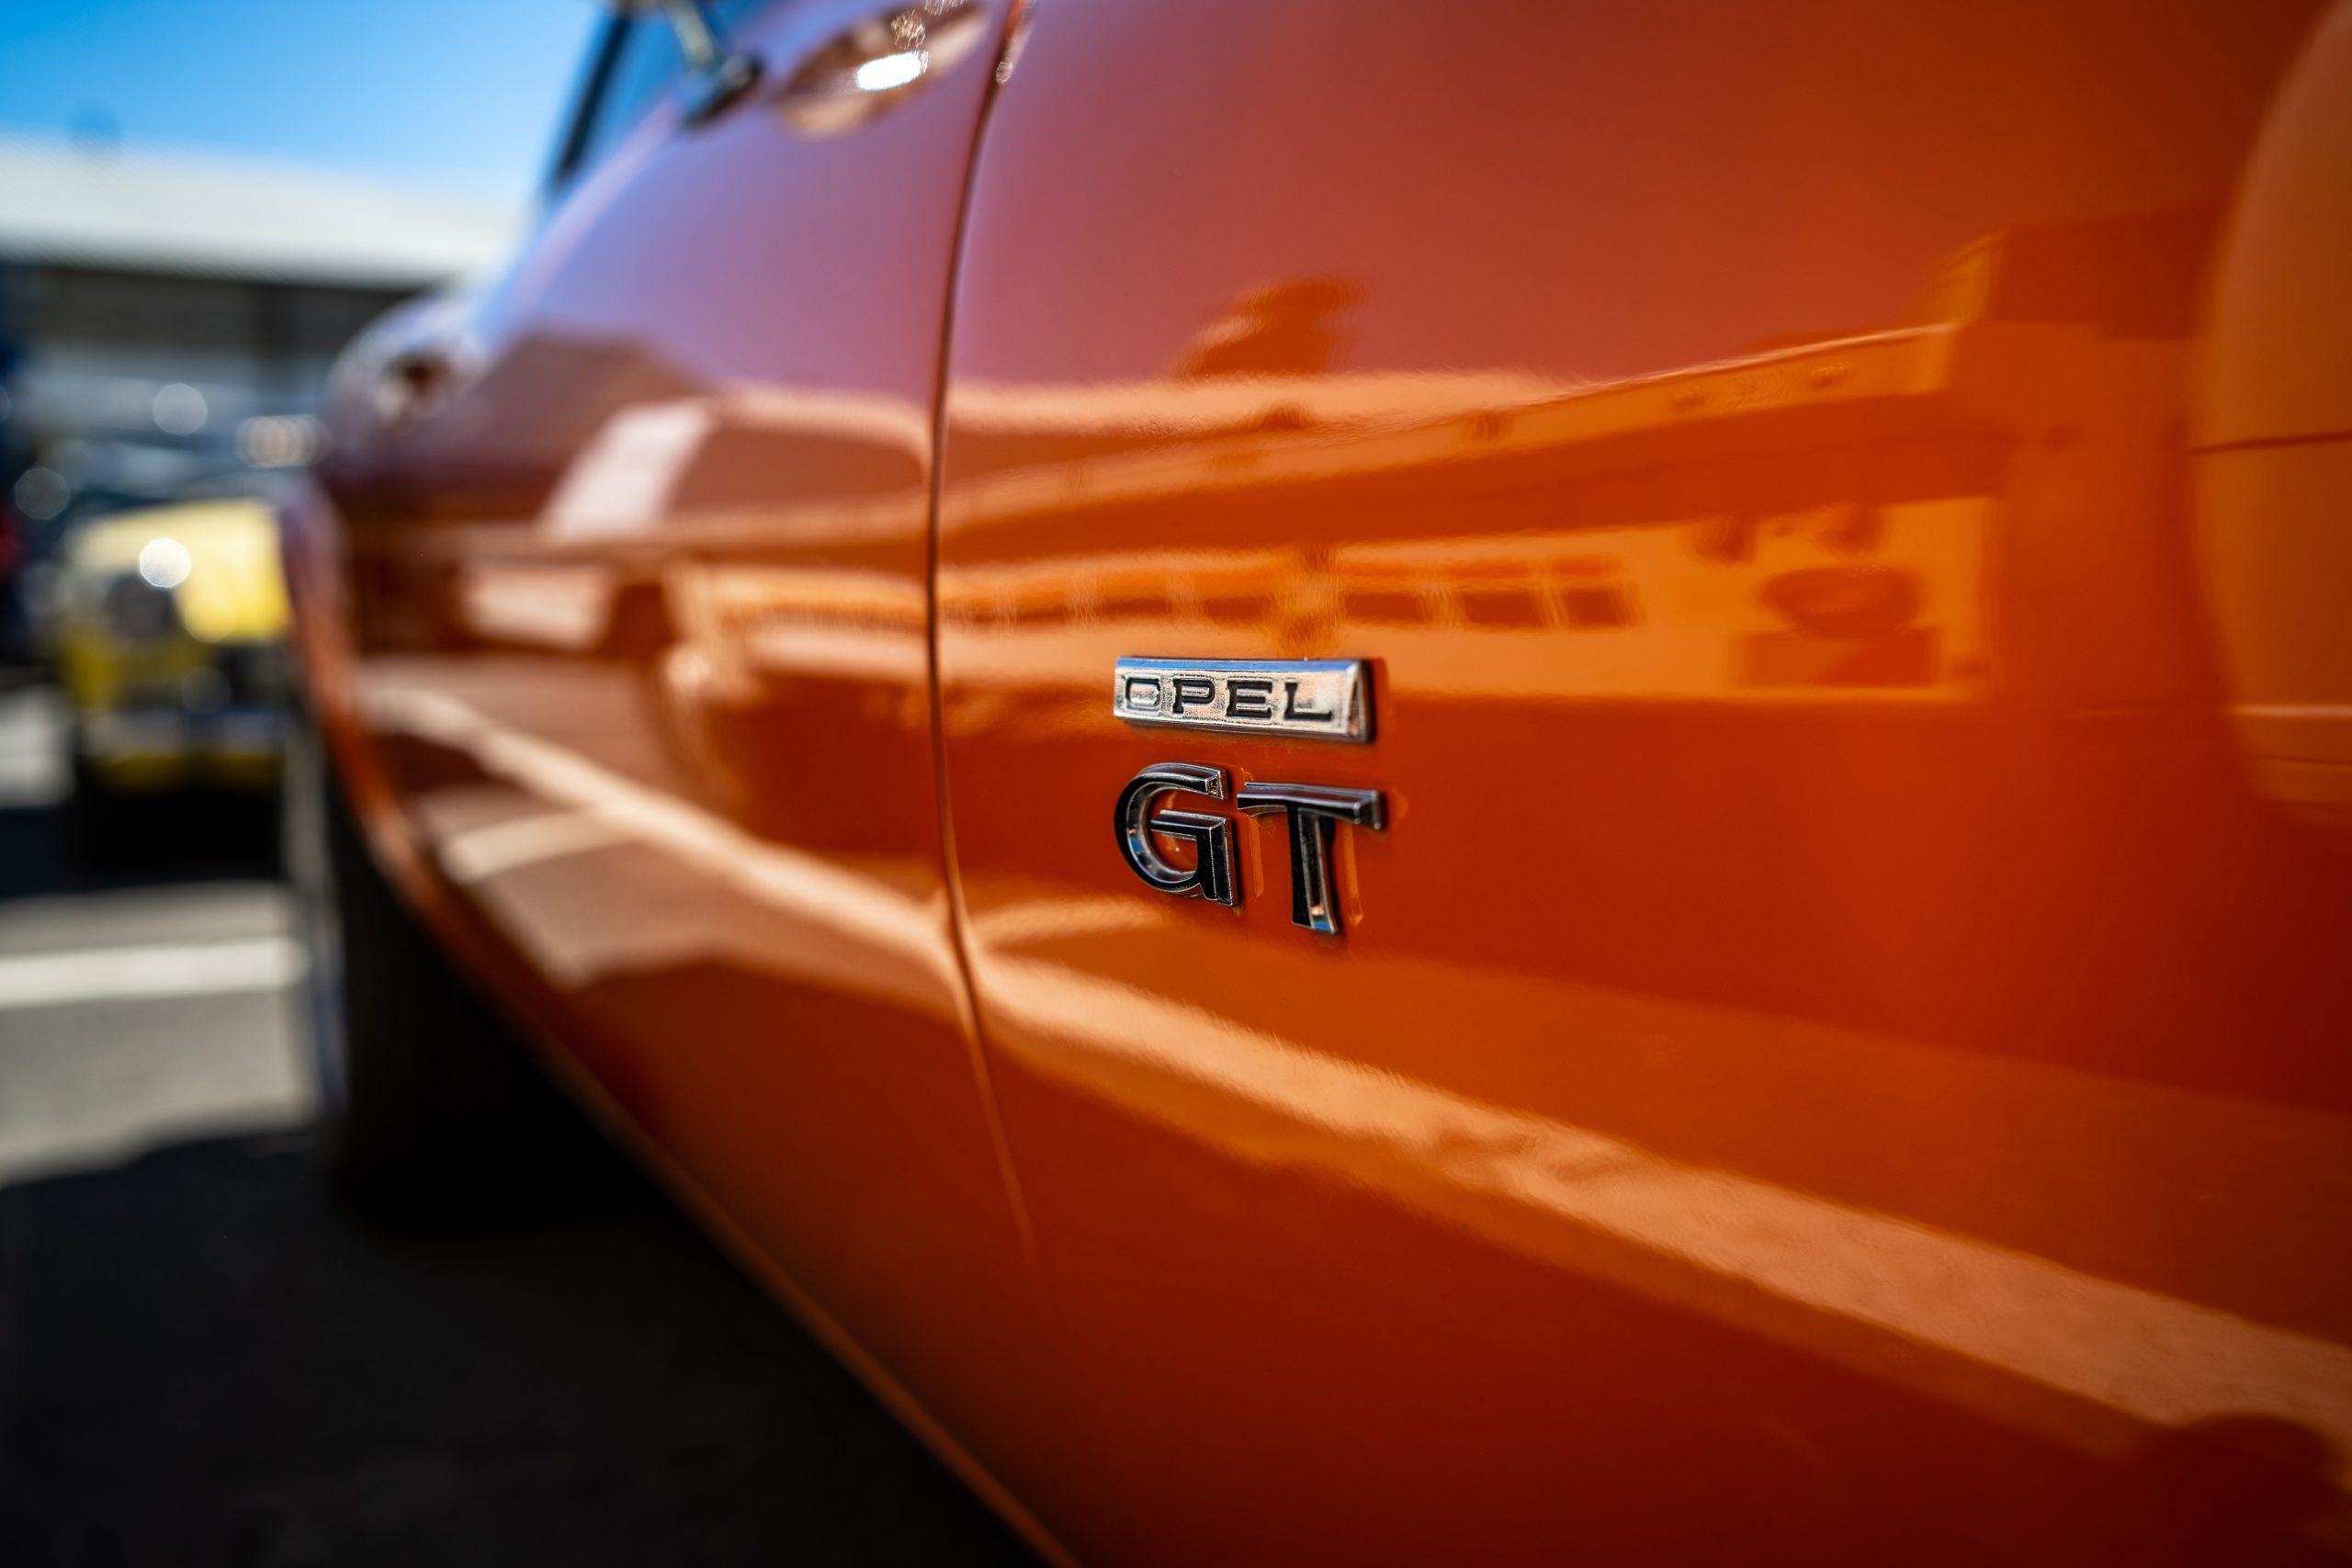 Red Opel GT Car